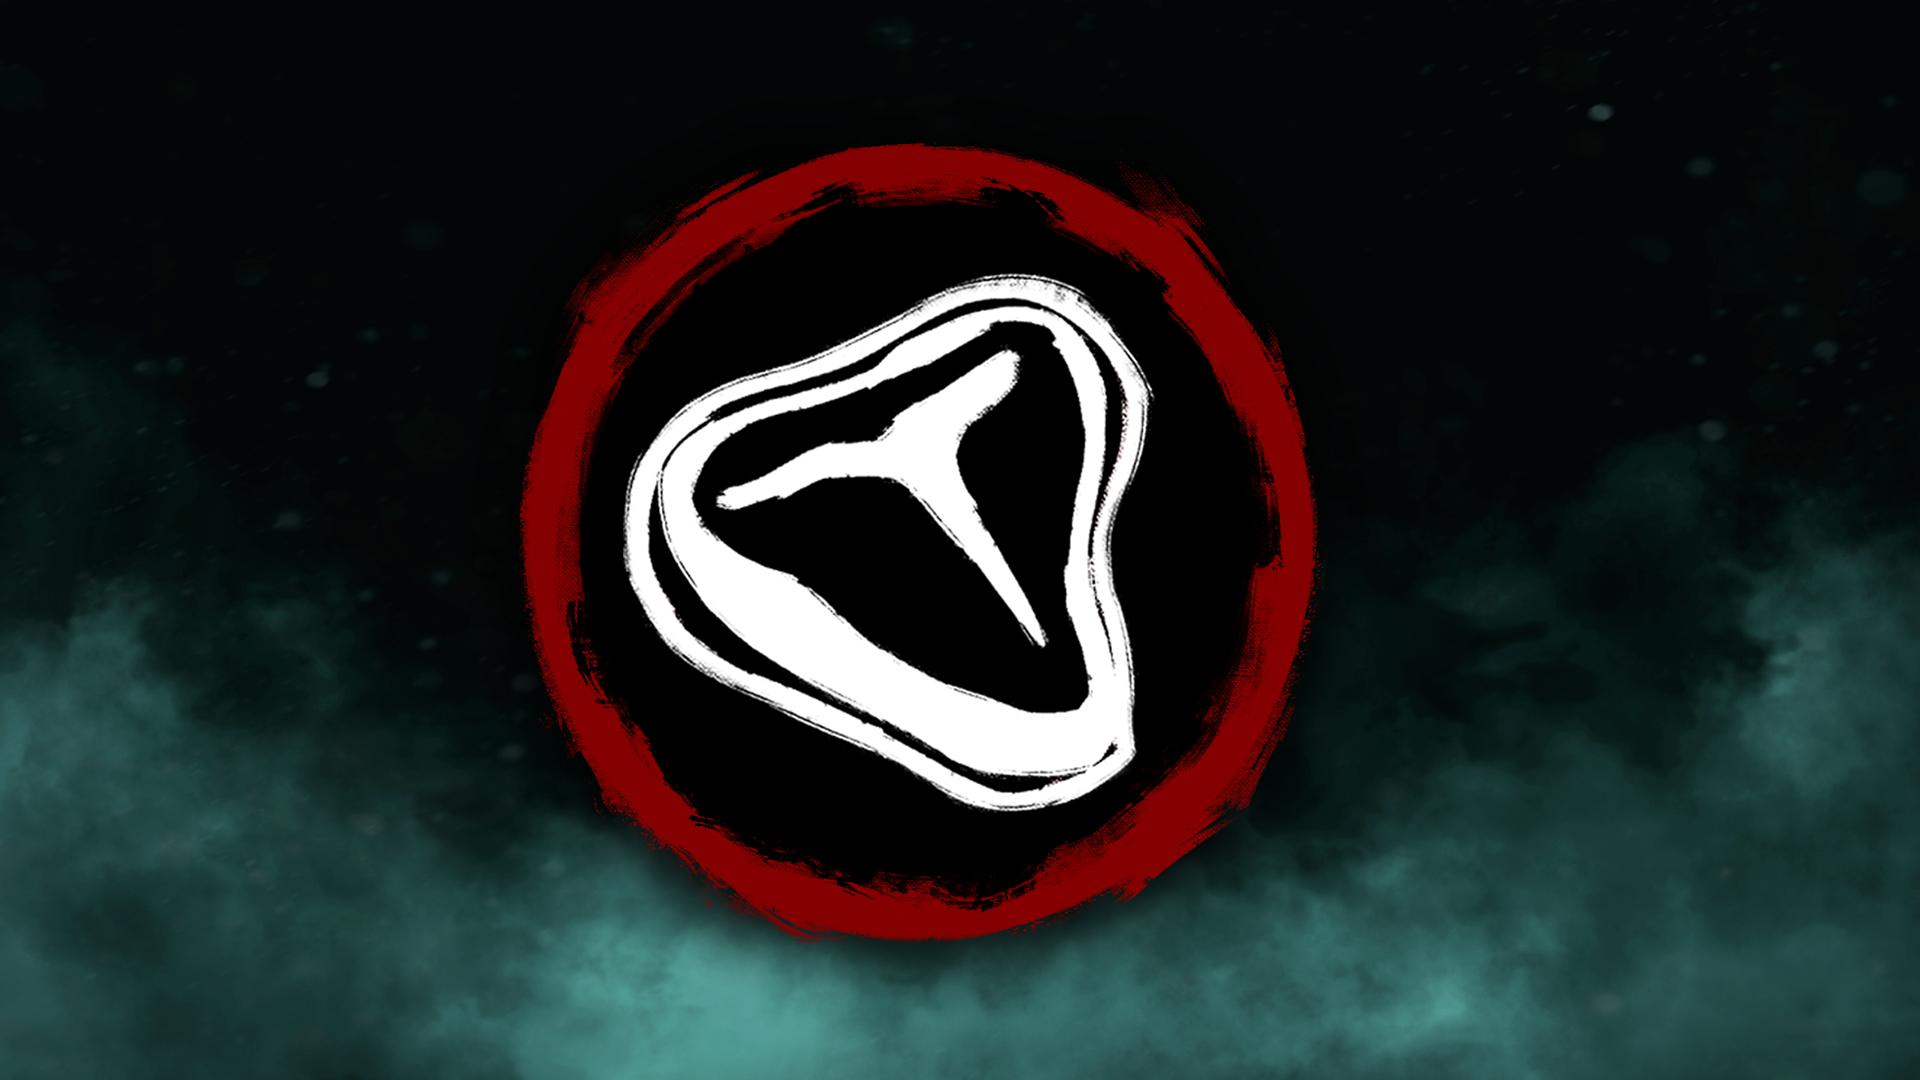 Icon for Medium Rare